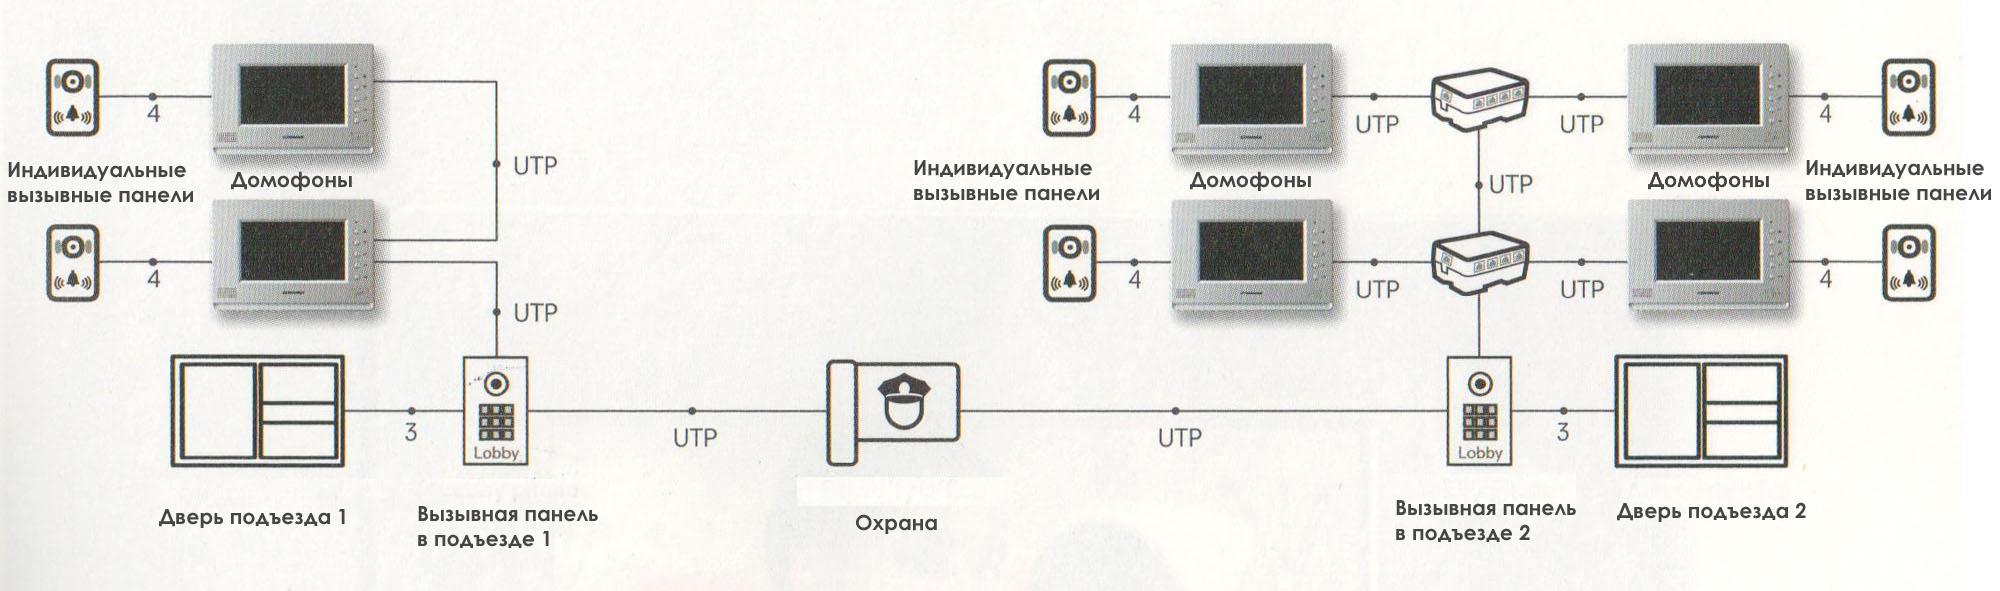 домофон quantum схема ремонт